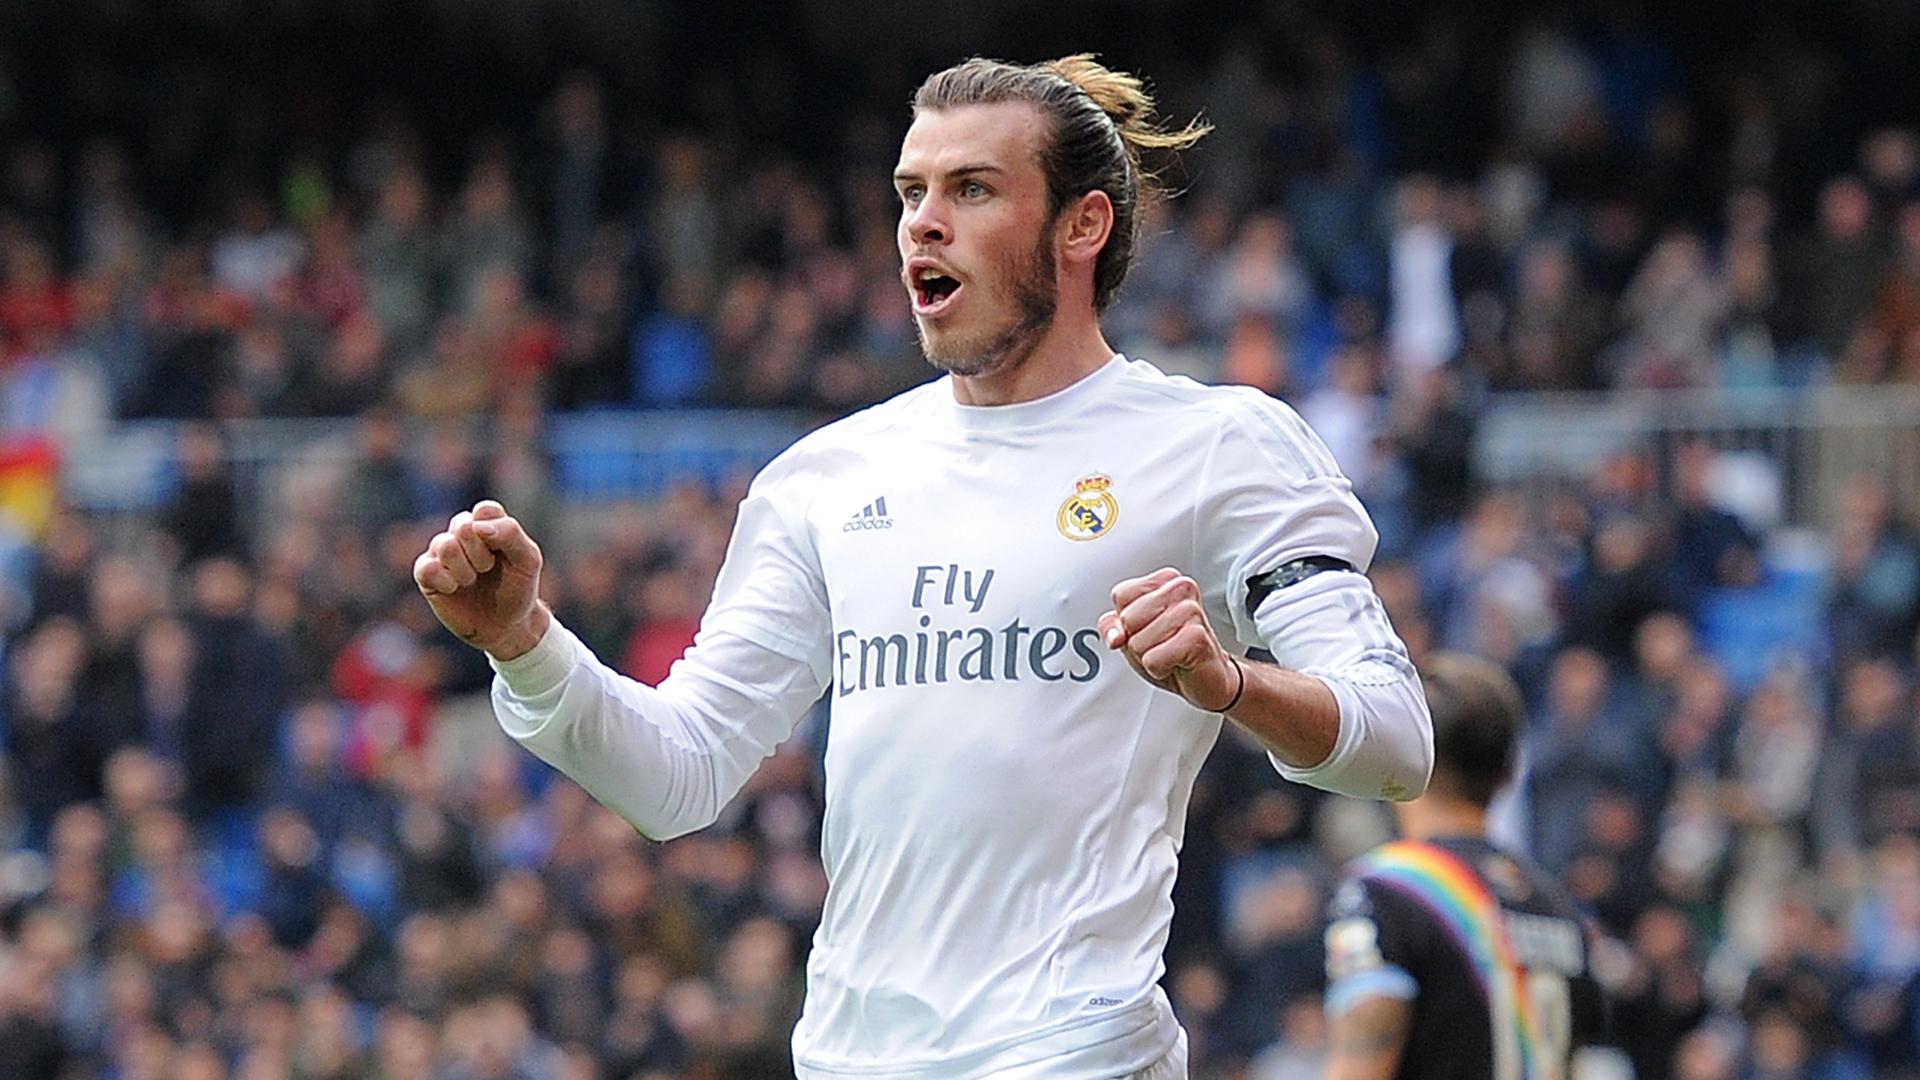 """Zidane: """"Bale quá đặc biệt, thế giới chỉ có một Bale duy nhất"""""""